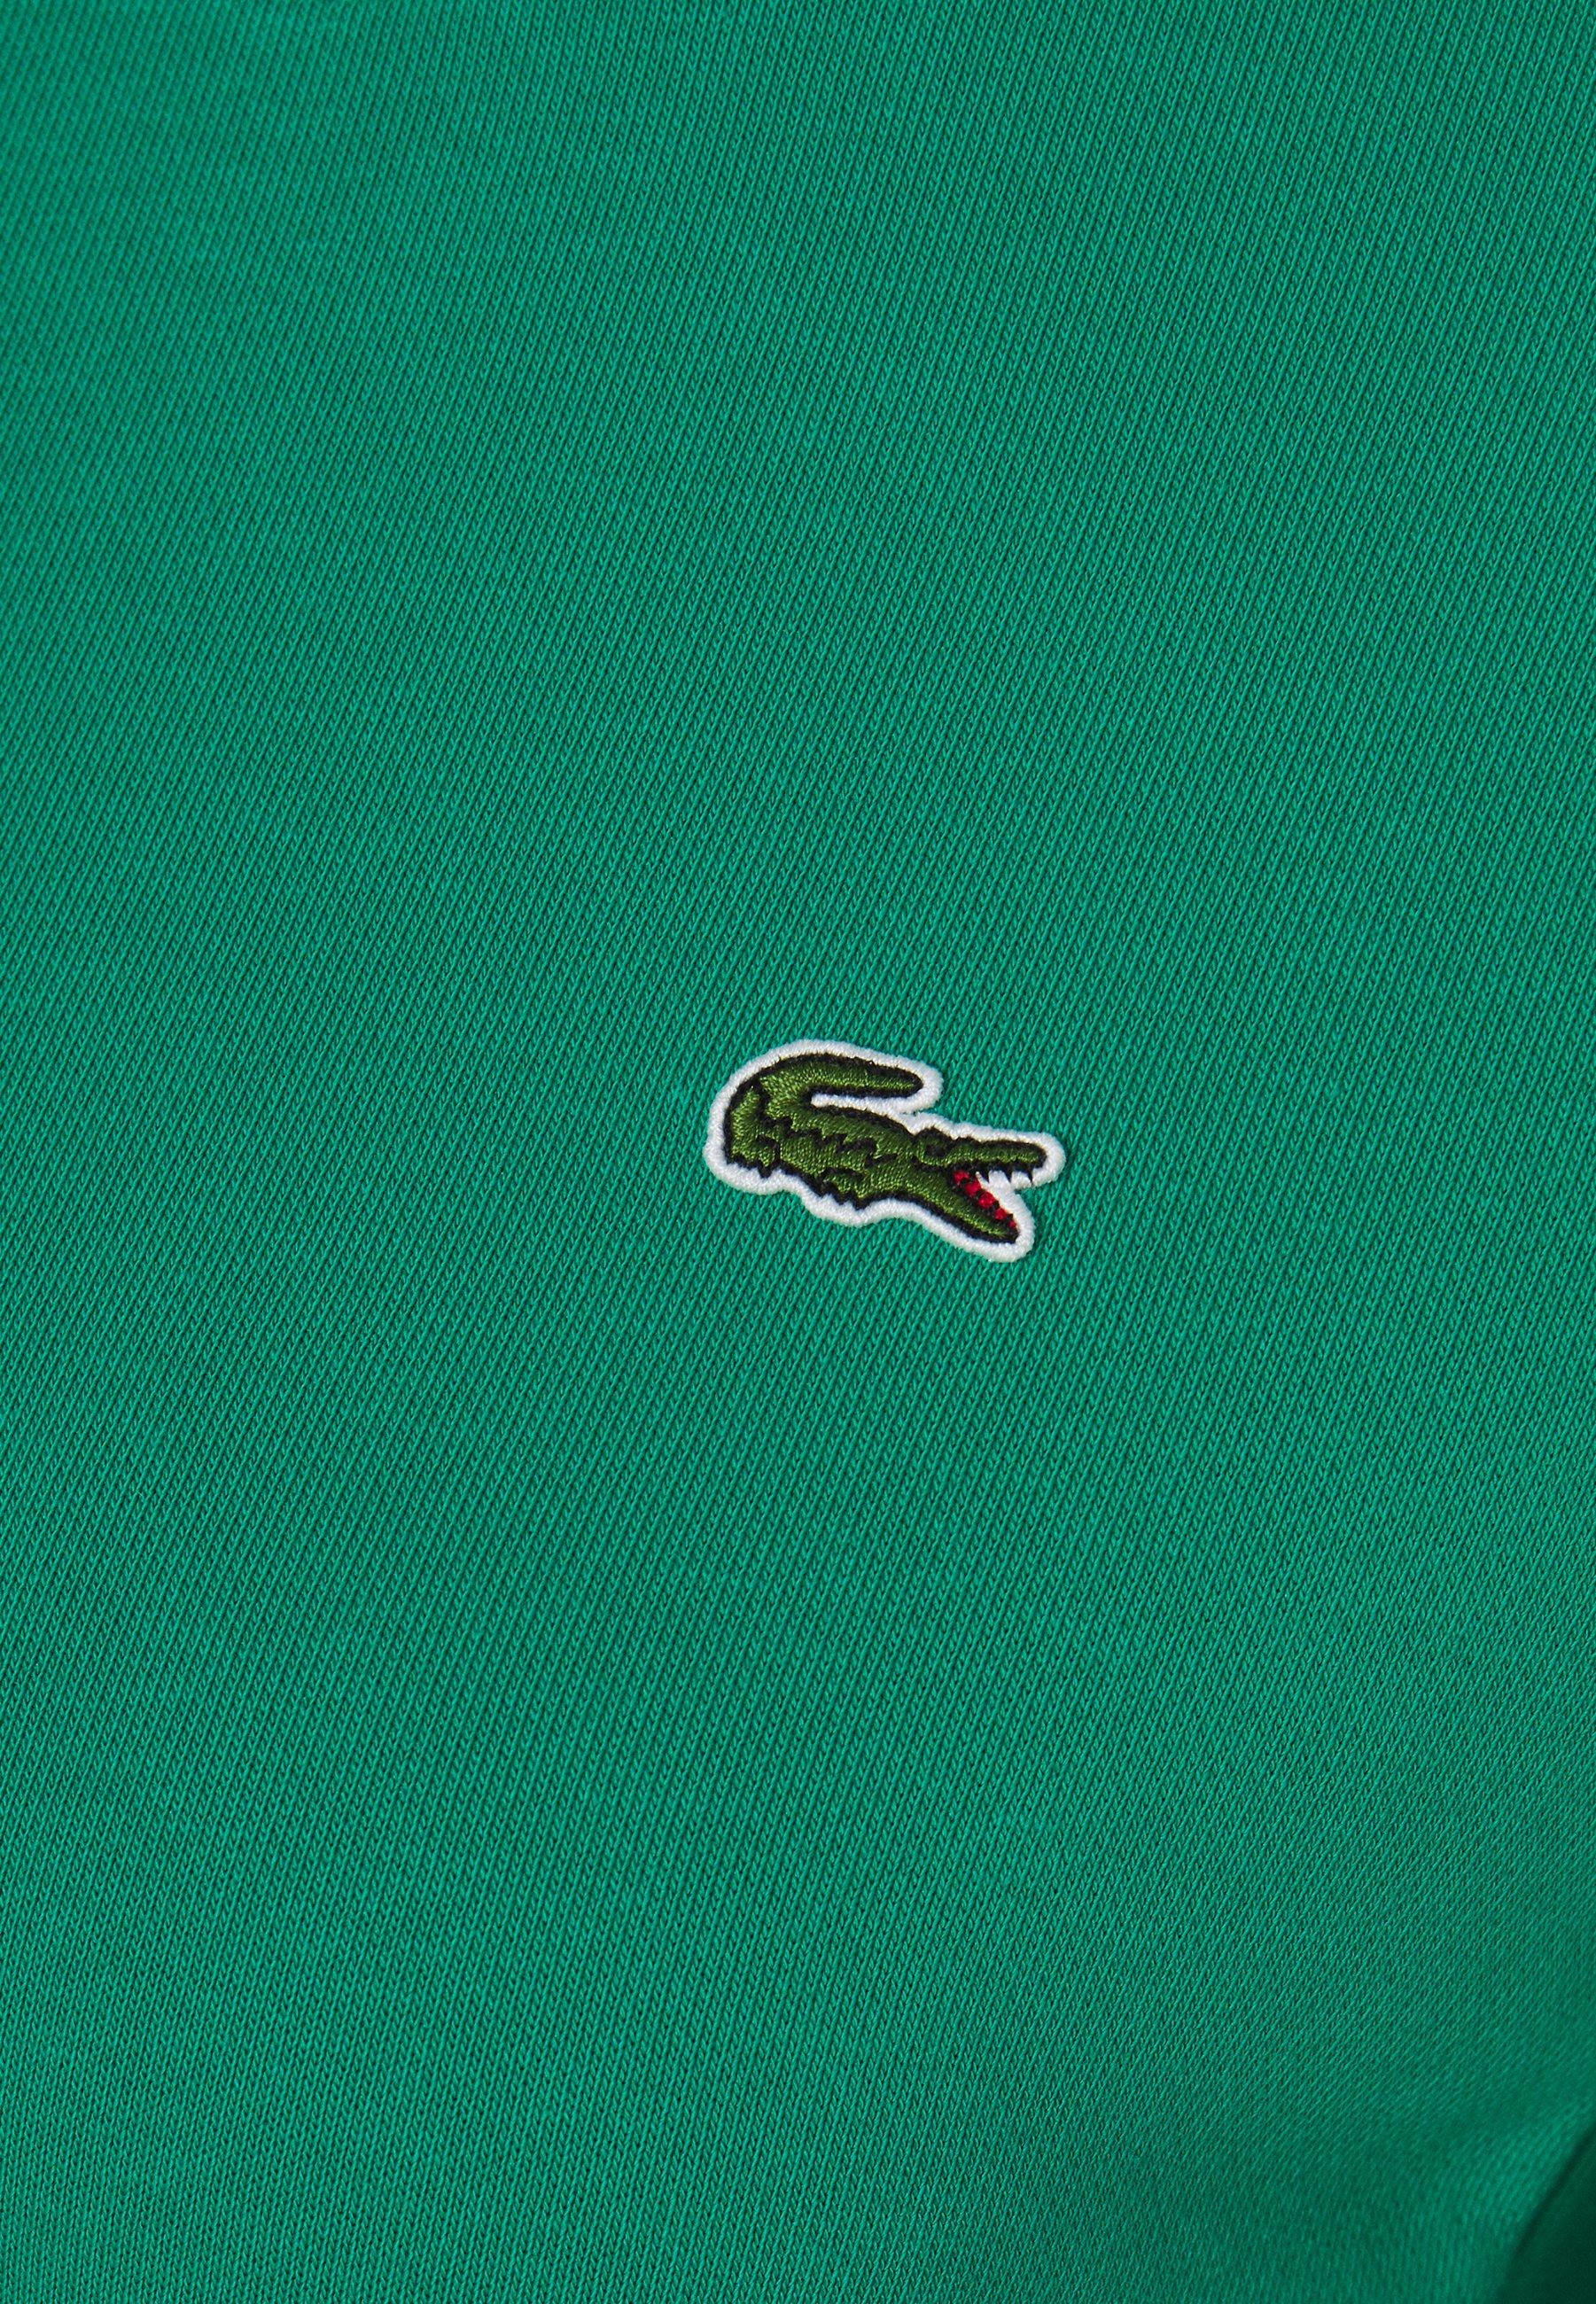 Lacoste Sport Sweatshirt - greenfinch WRpkI